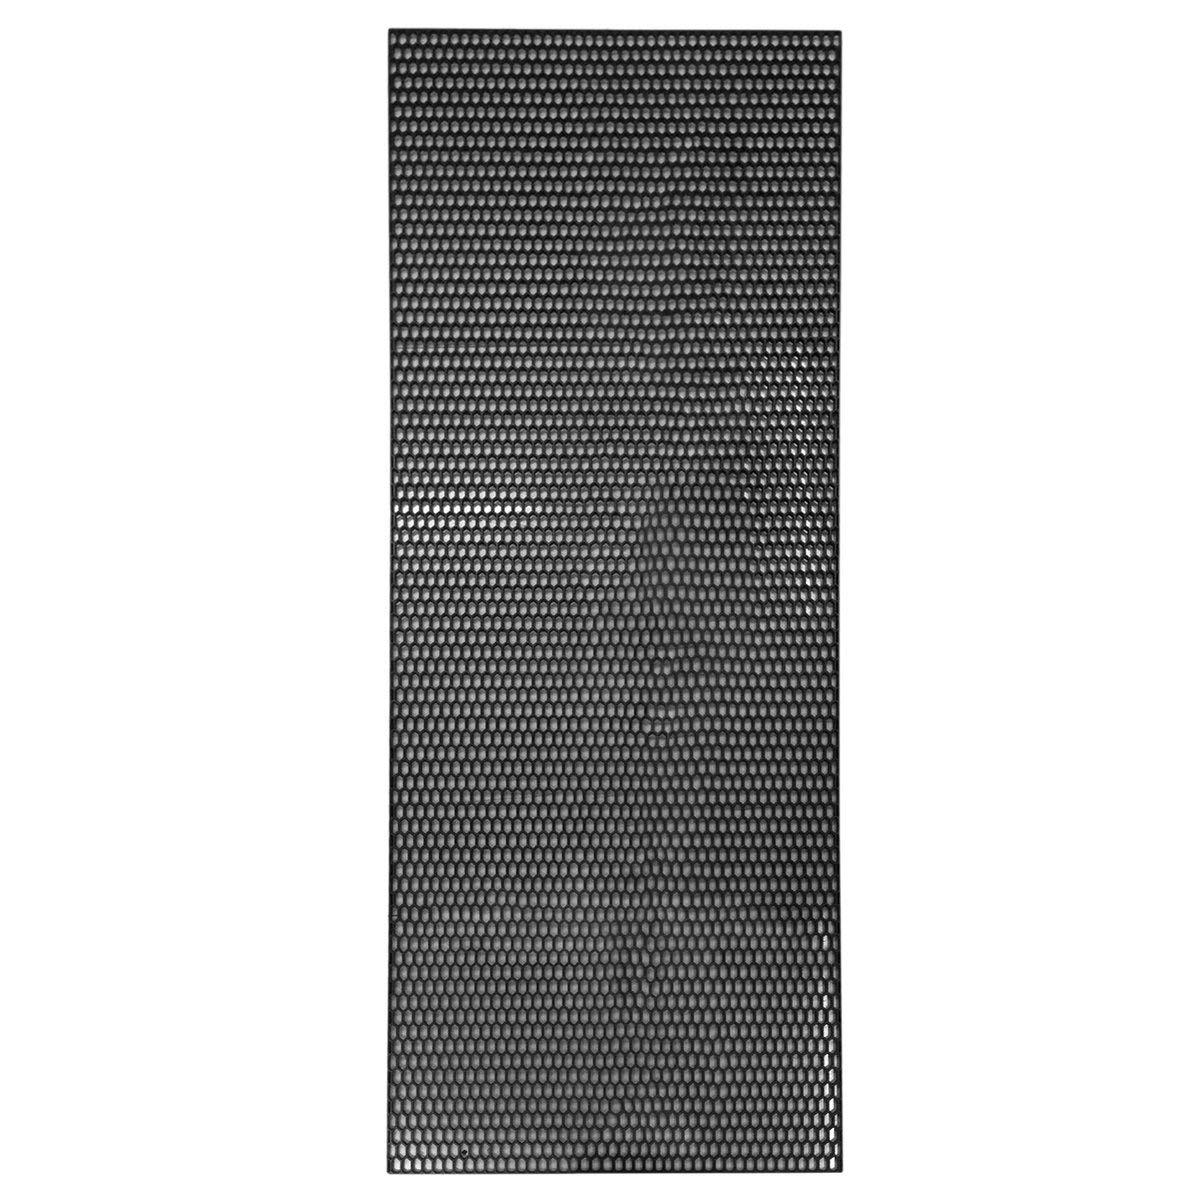 Couvercle de grille de maille pare-chocs avant de voiture en plastique ABS universel durable vé hicule maille grille vé hicule de voiture Black Grille Net DoMoment